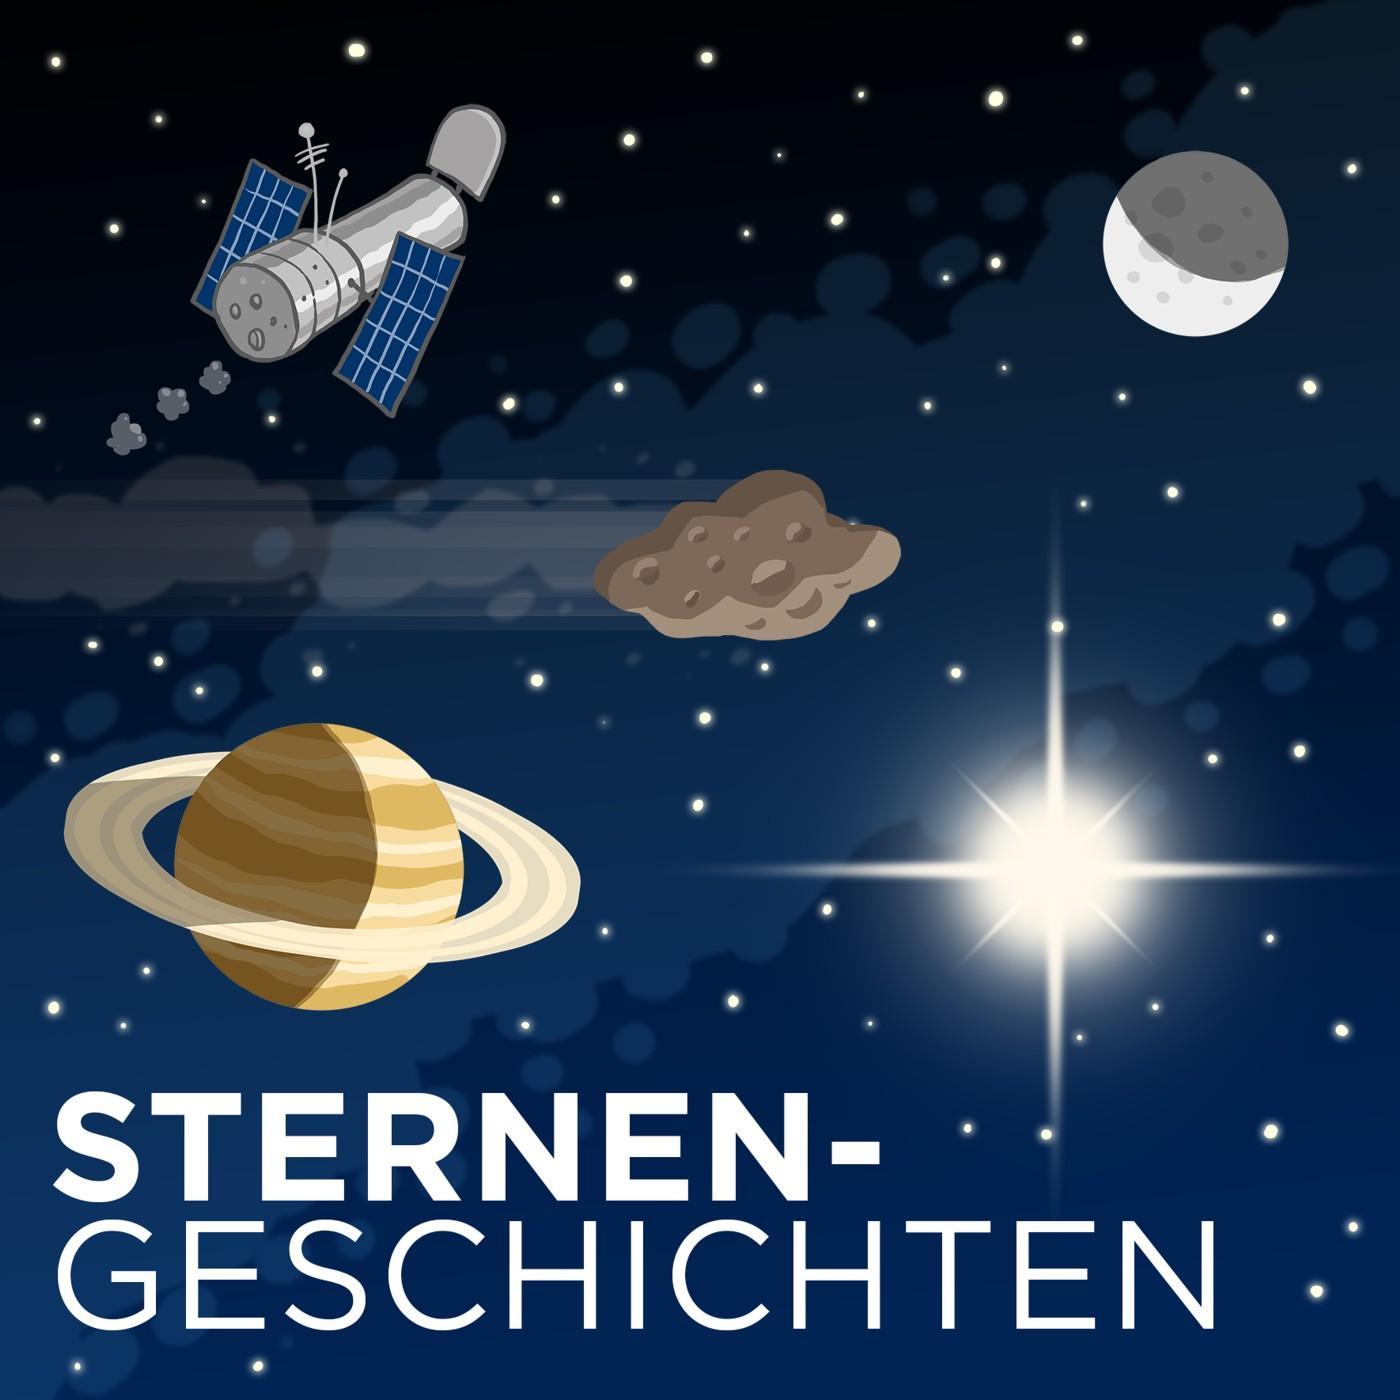 Sternengeschichten Folge 417: Fluor und sein astronomisches Geheimnis